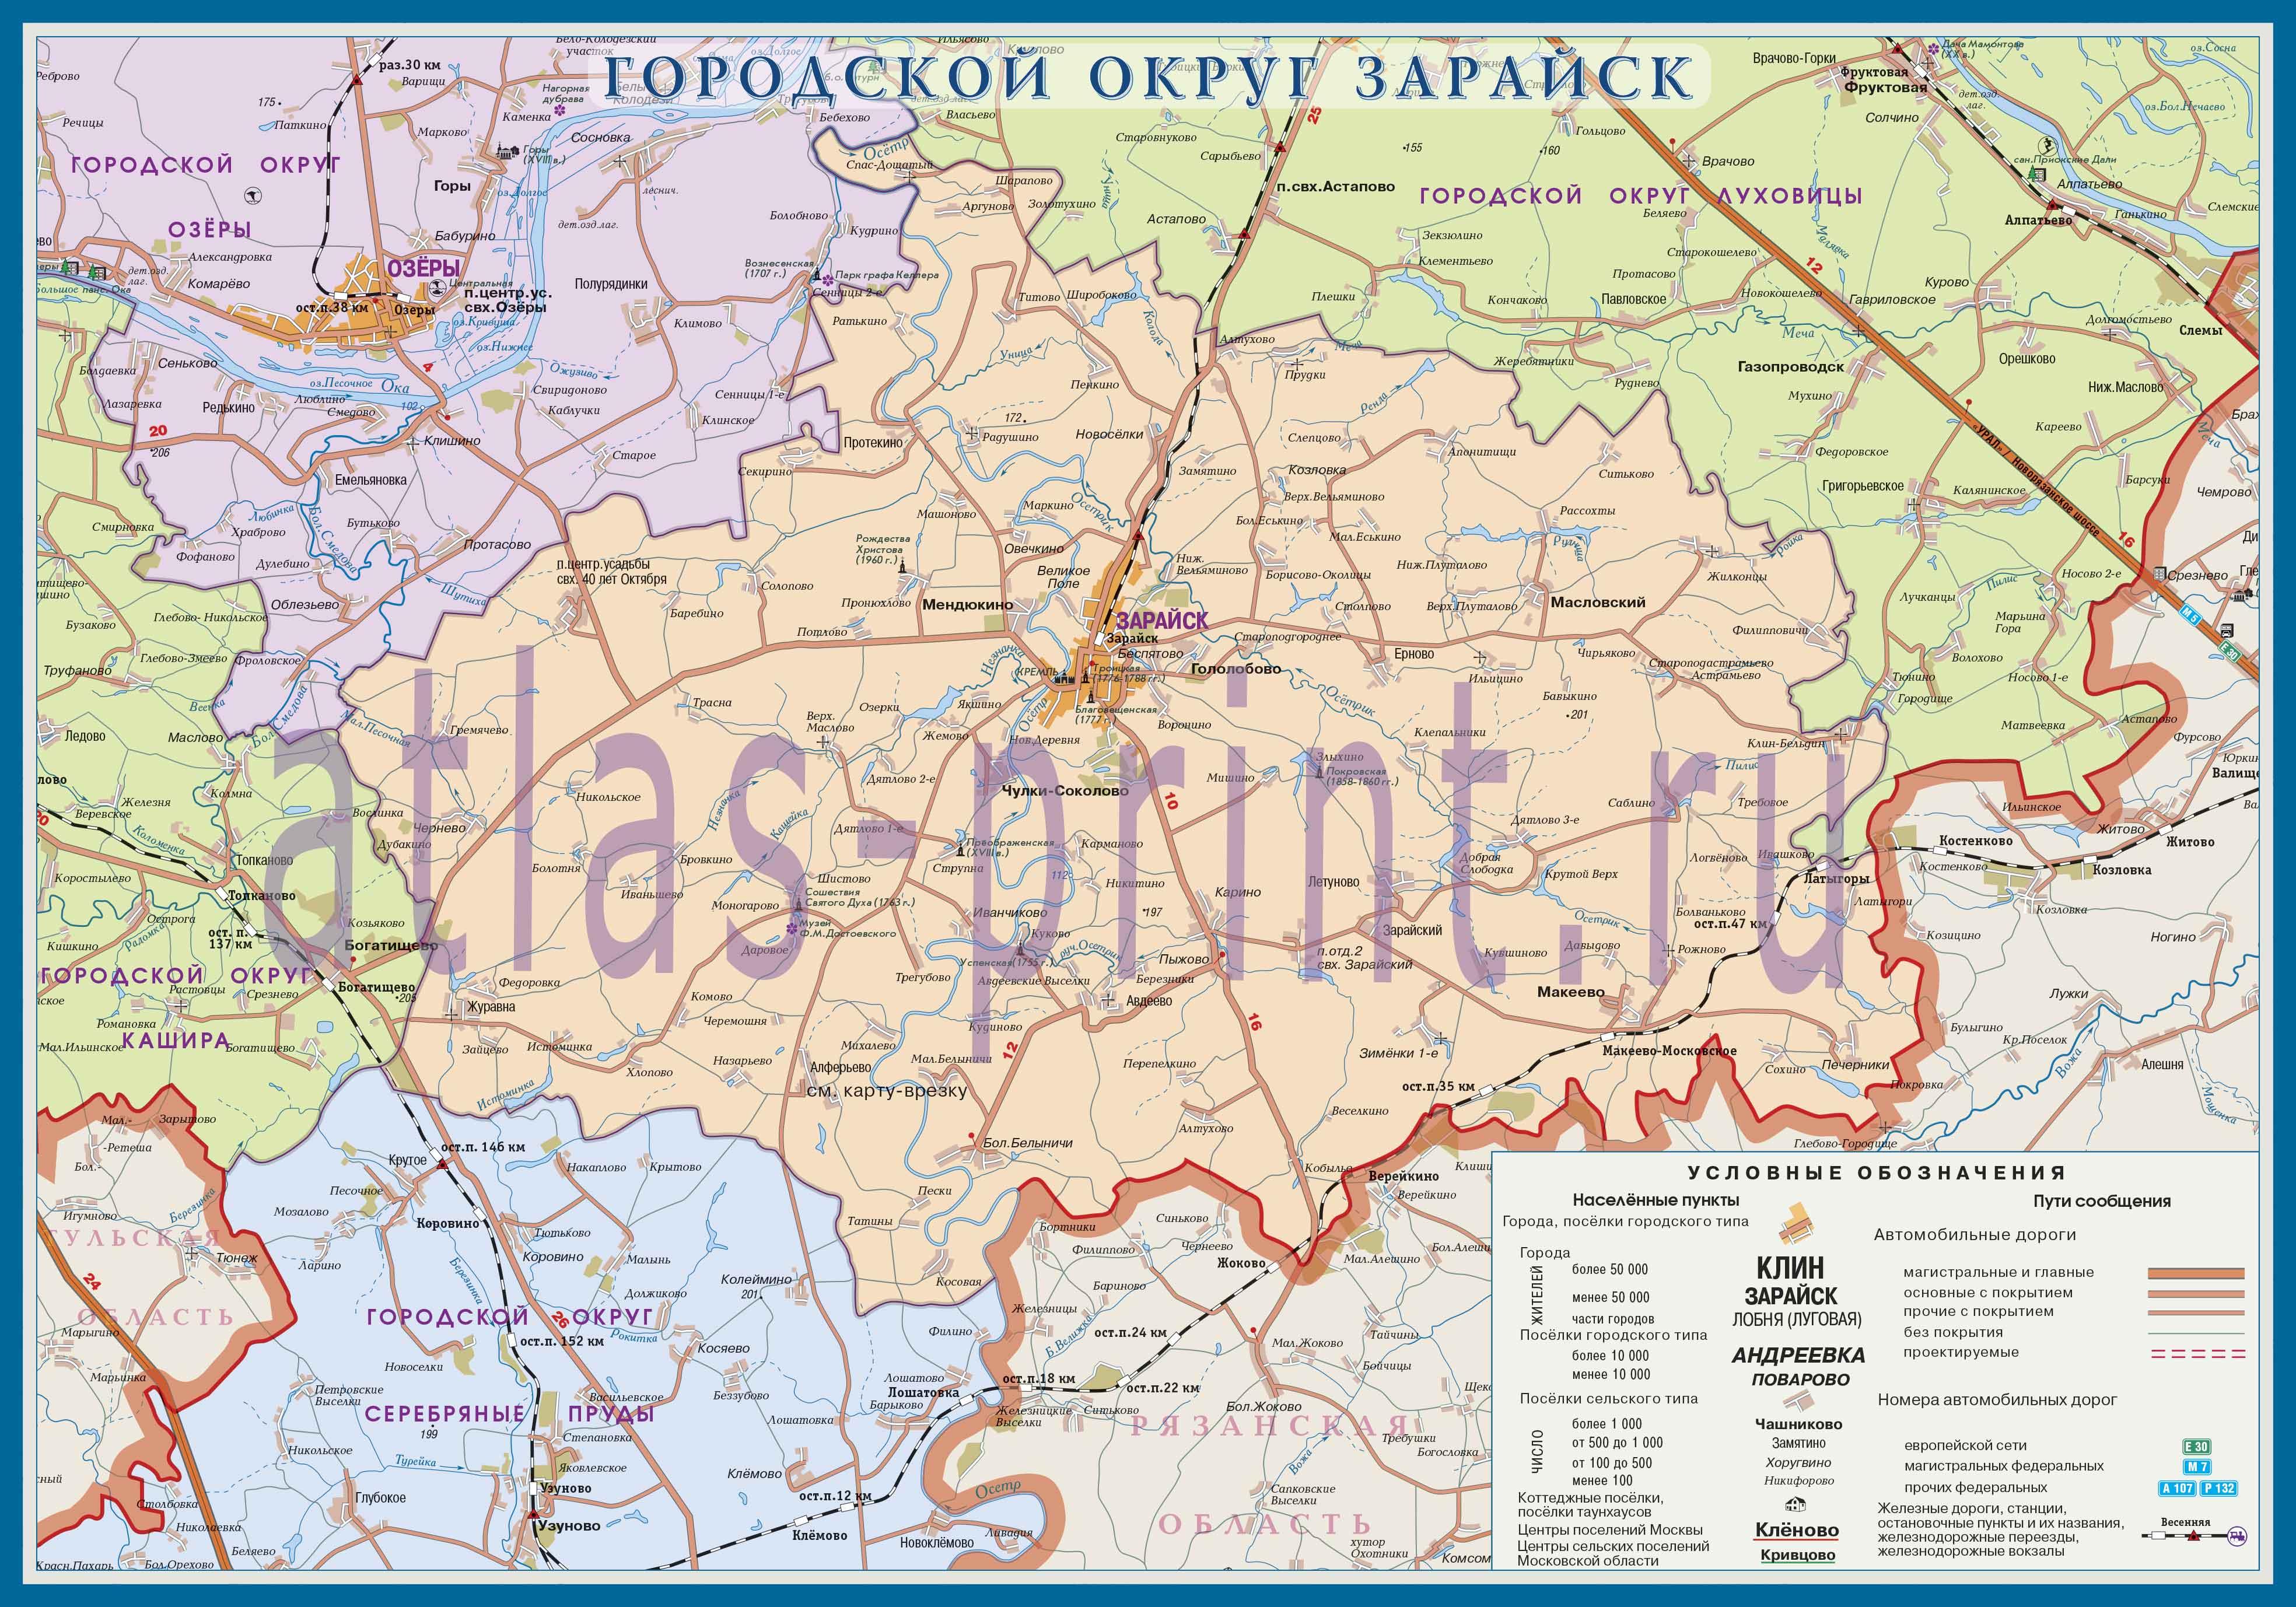 Настенная карта городского округа Зарайск (бывш. Зарайский район) Московской области 1,0*0,7 м